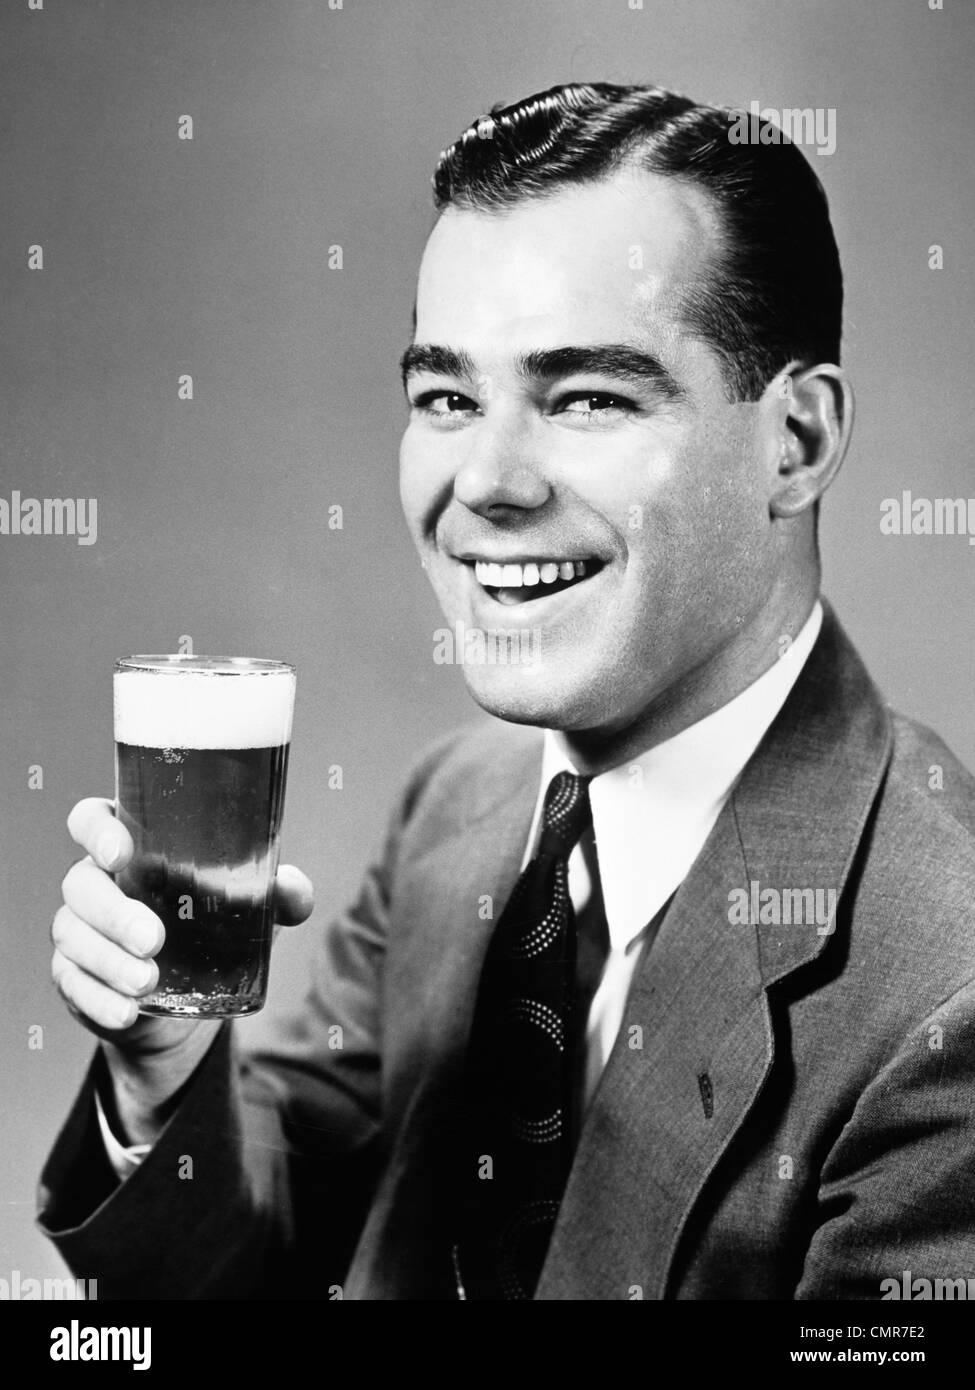 1940s uomo sorridente tenendo un bicchiere di birra Immagini Stock